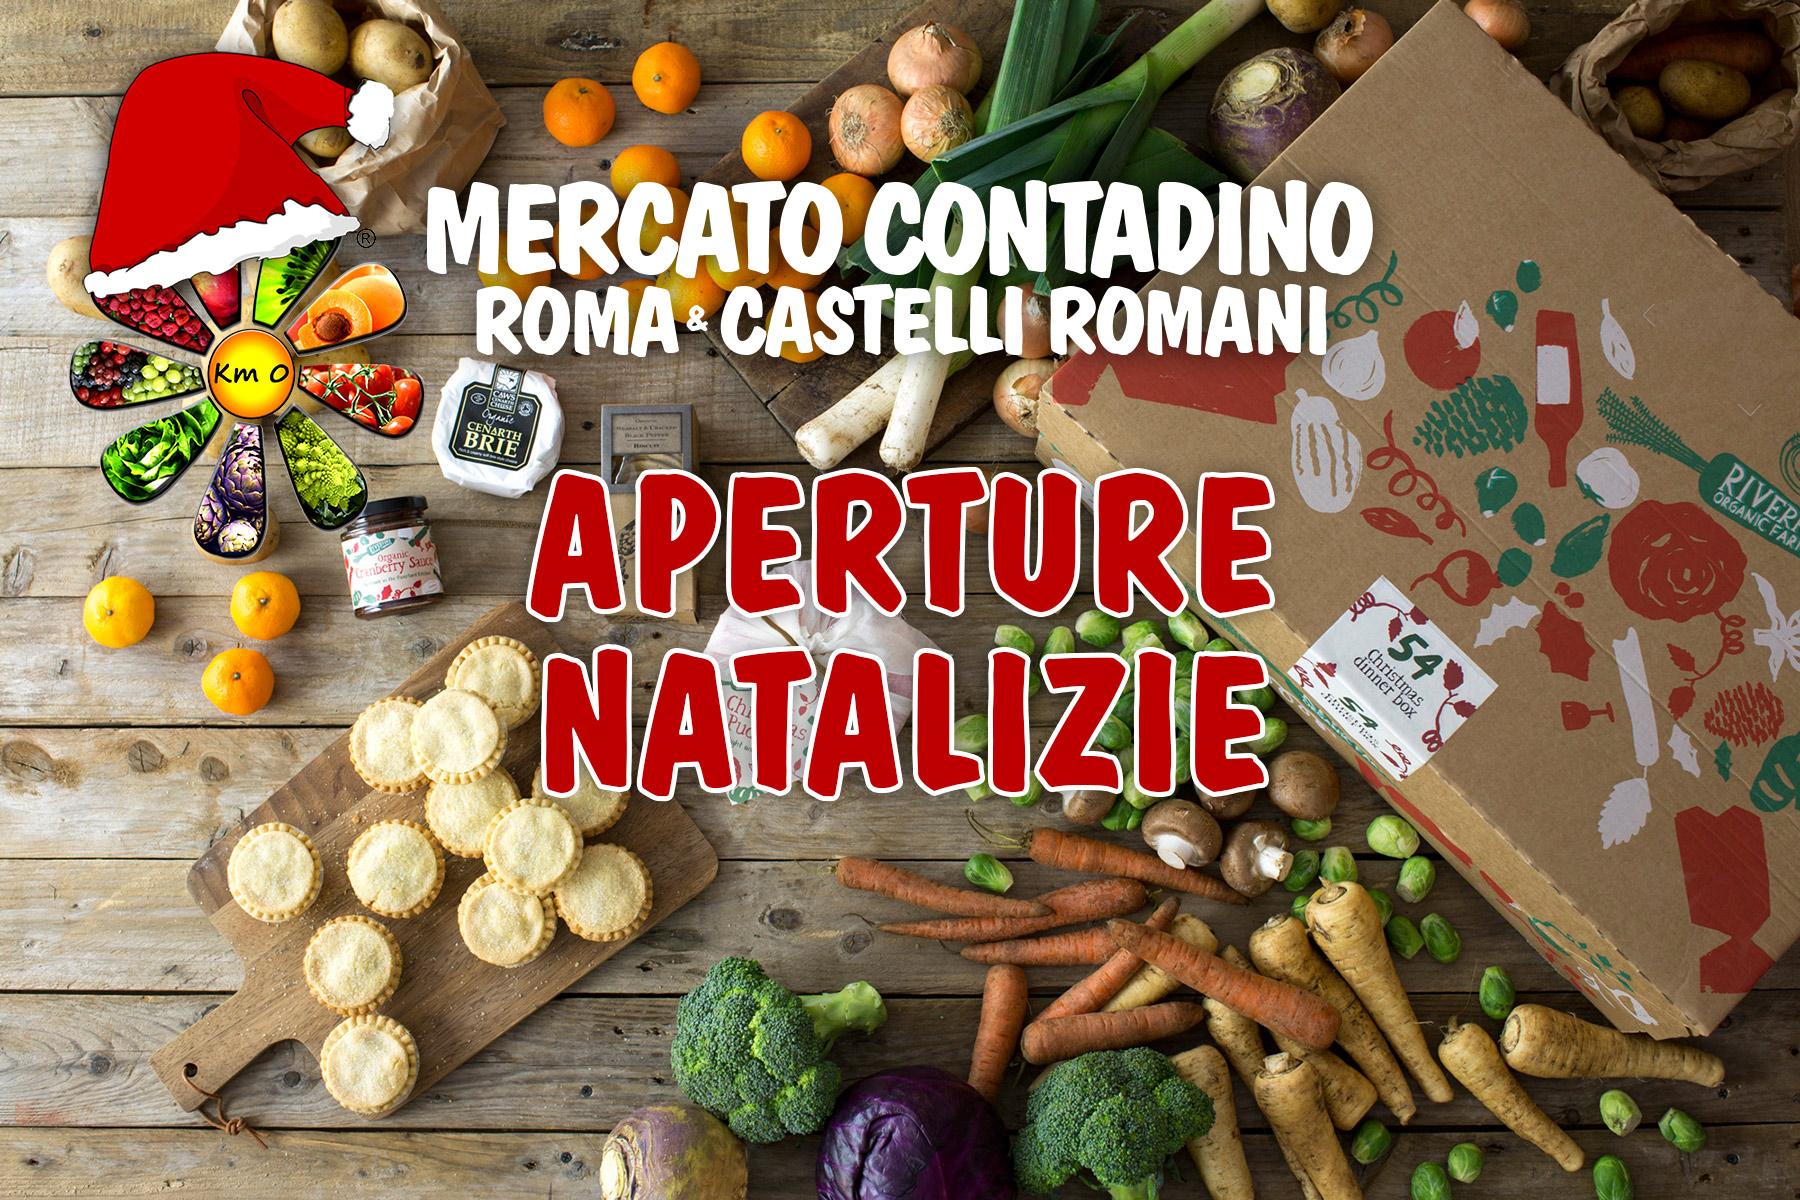 mercato_contadino_giorni_apertura_natale